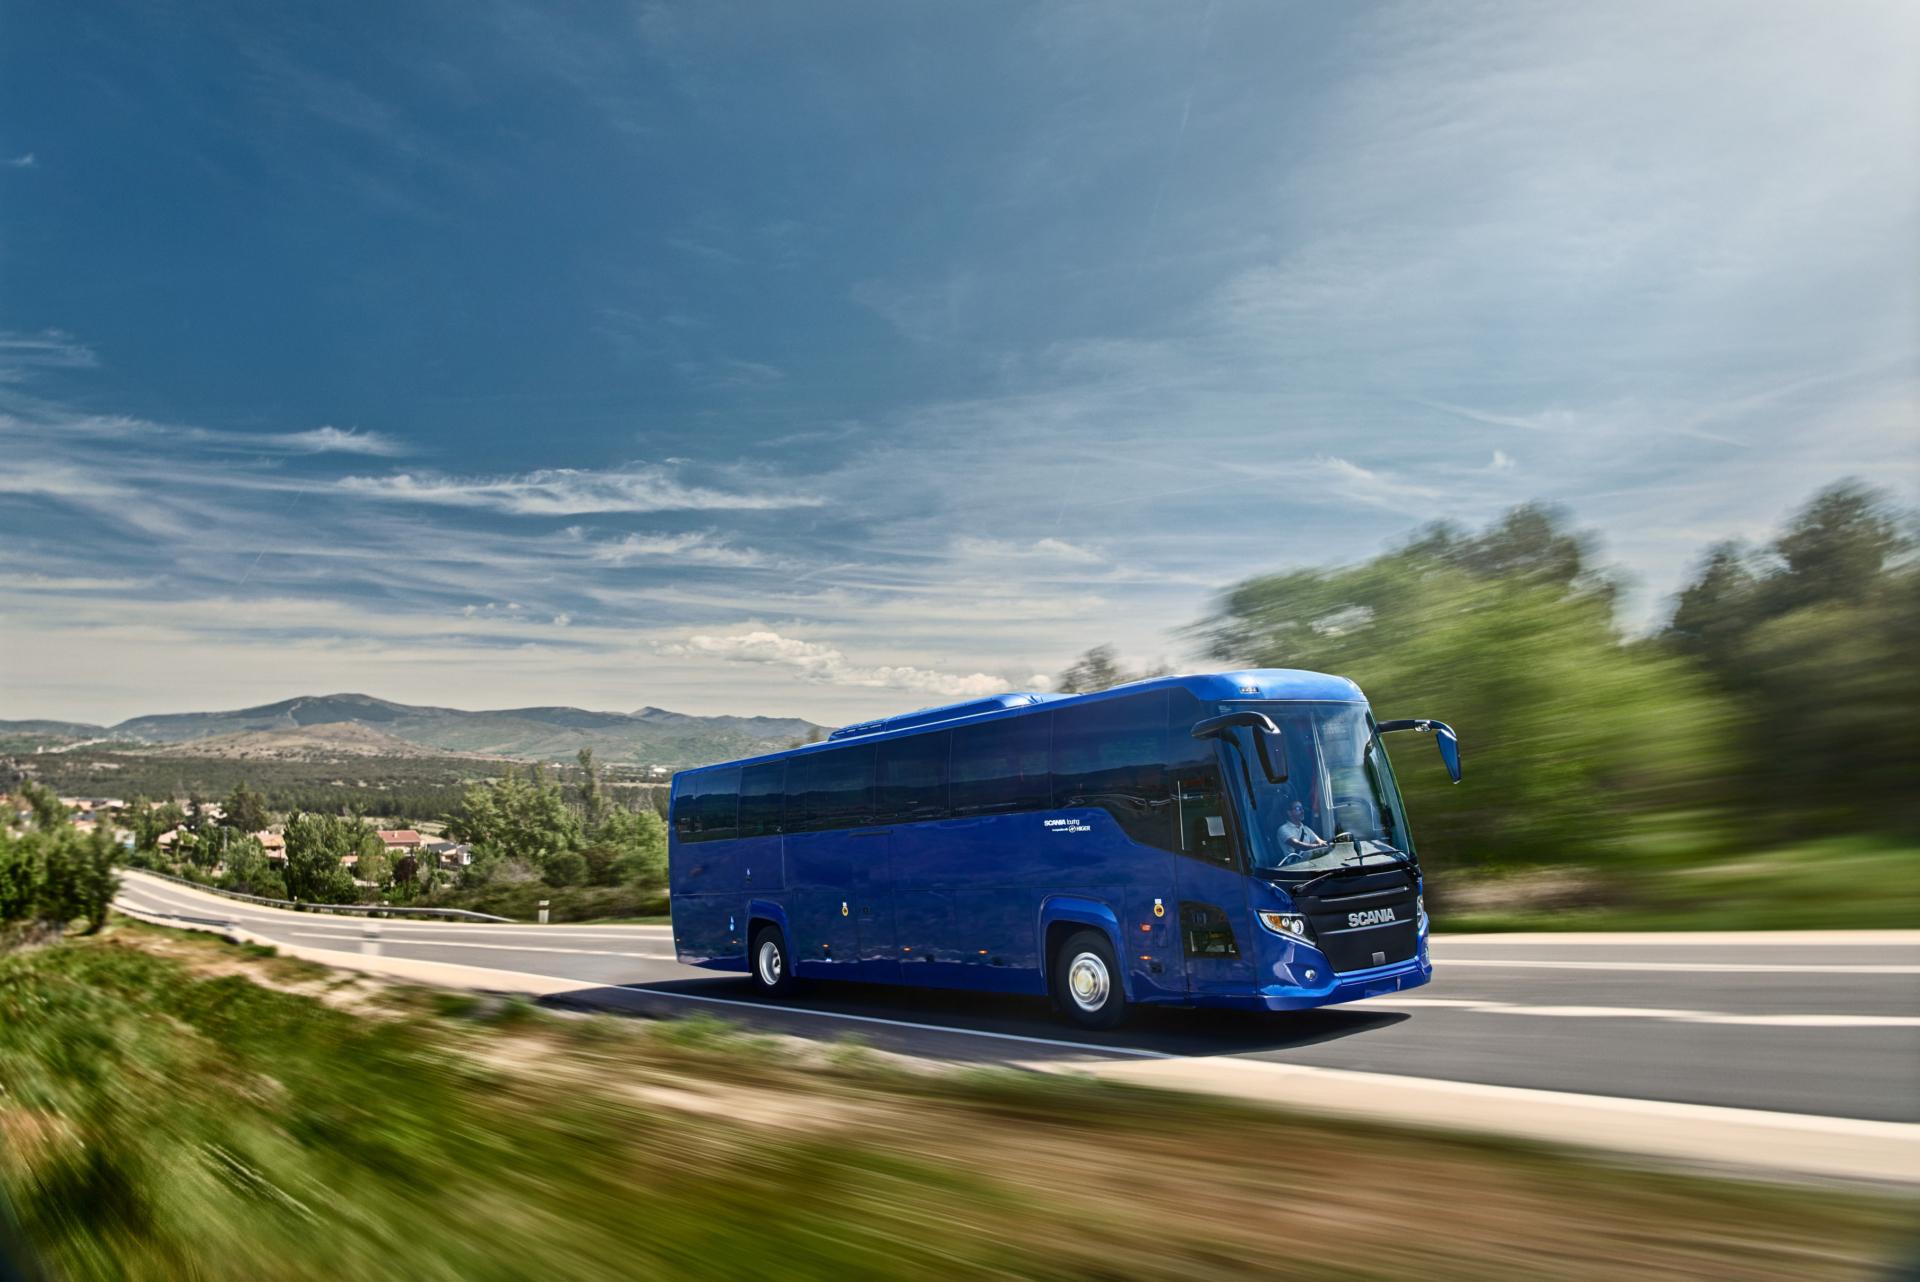 Scania Touring-turistbuss